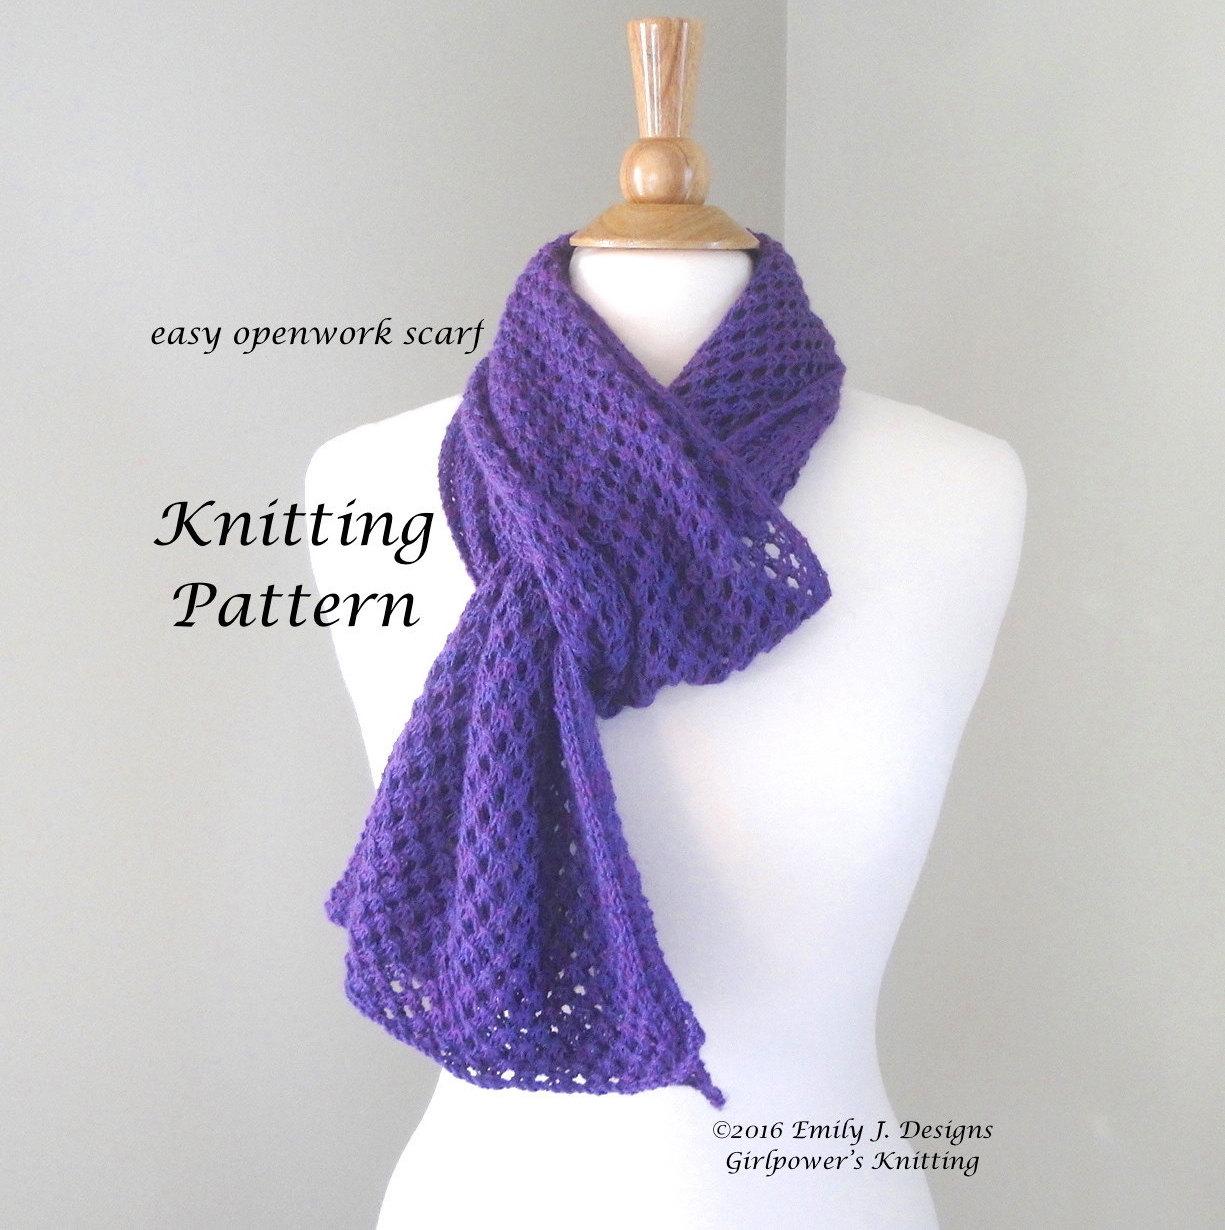 Open Knit Scarf Pattern : Easy Openwork Scarf Knitting Pattern, Easy Lace Scarf, Lace Yarn, Open Eyelet...